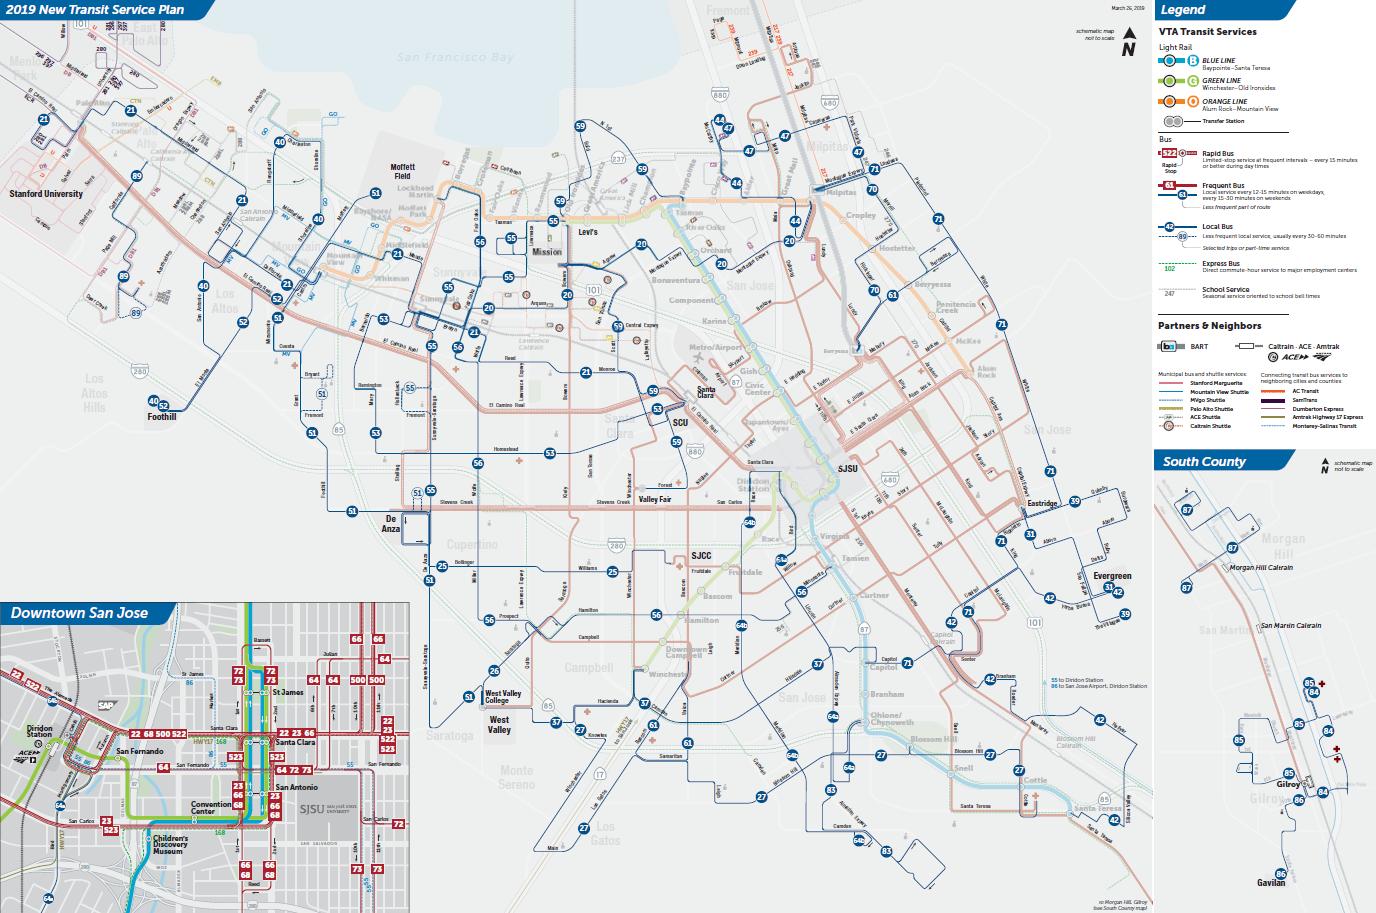 2019년 새로운 최종 교통 서비스 계획 지역 노선 지도  (PDF)